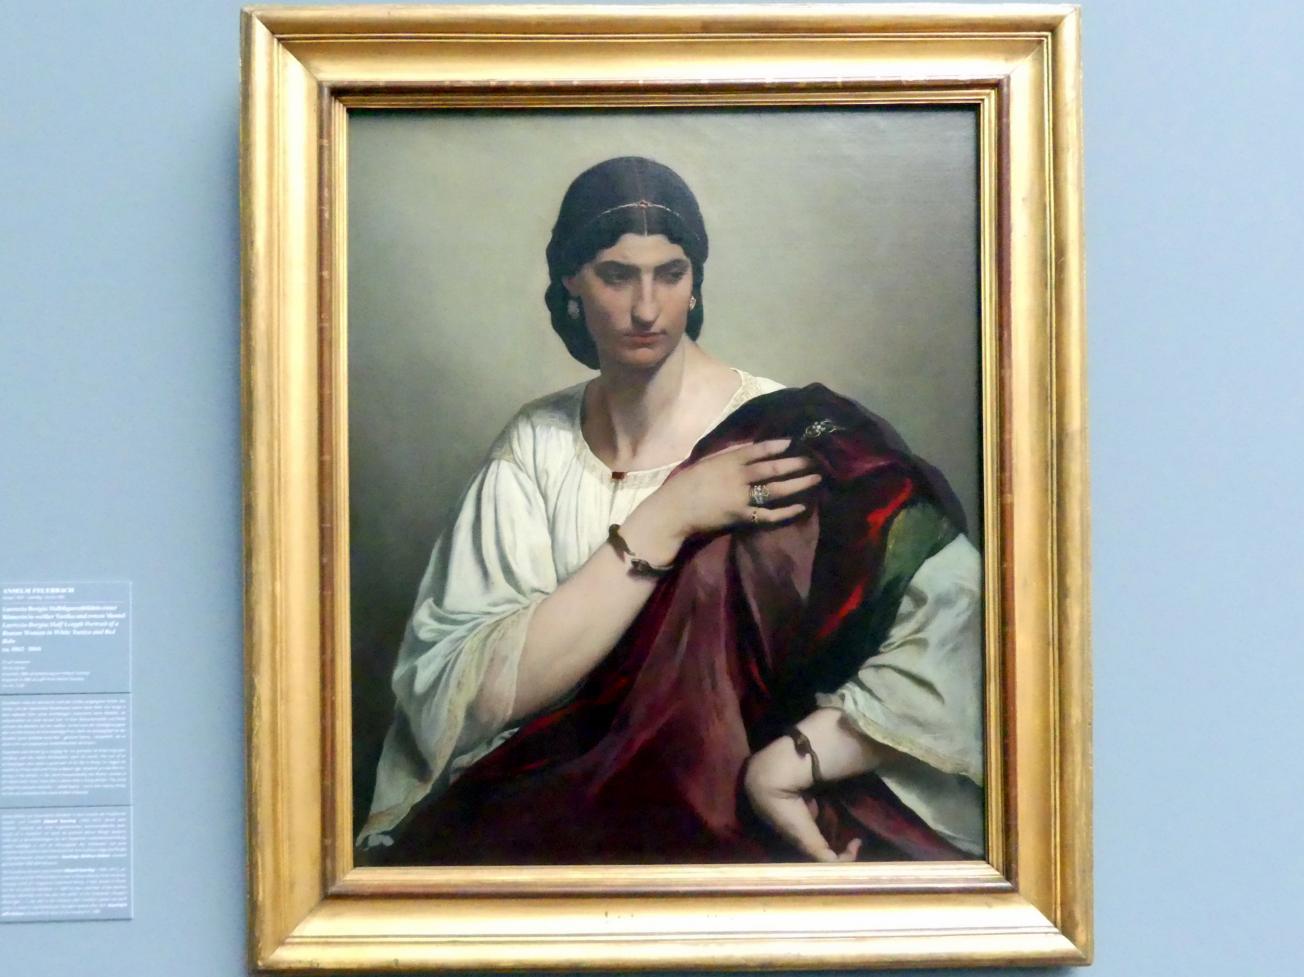 Anselm Feuerbach: Lucrezia Borgia; Halbfigurenbildnis einer Römerin in weißer Tunika und rotem Mantel, um 1862 - 1866